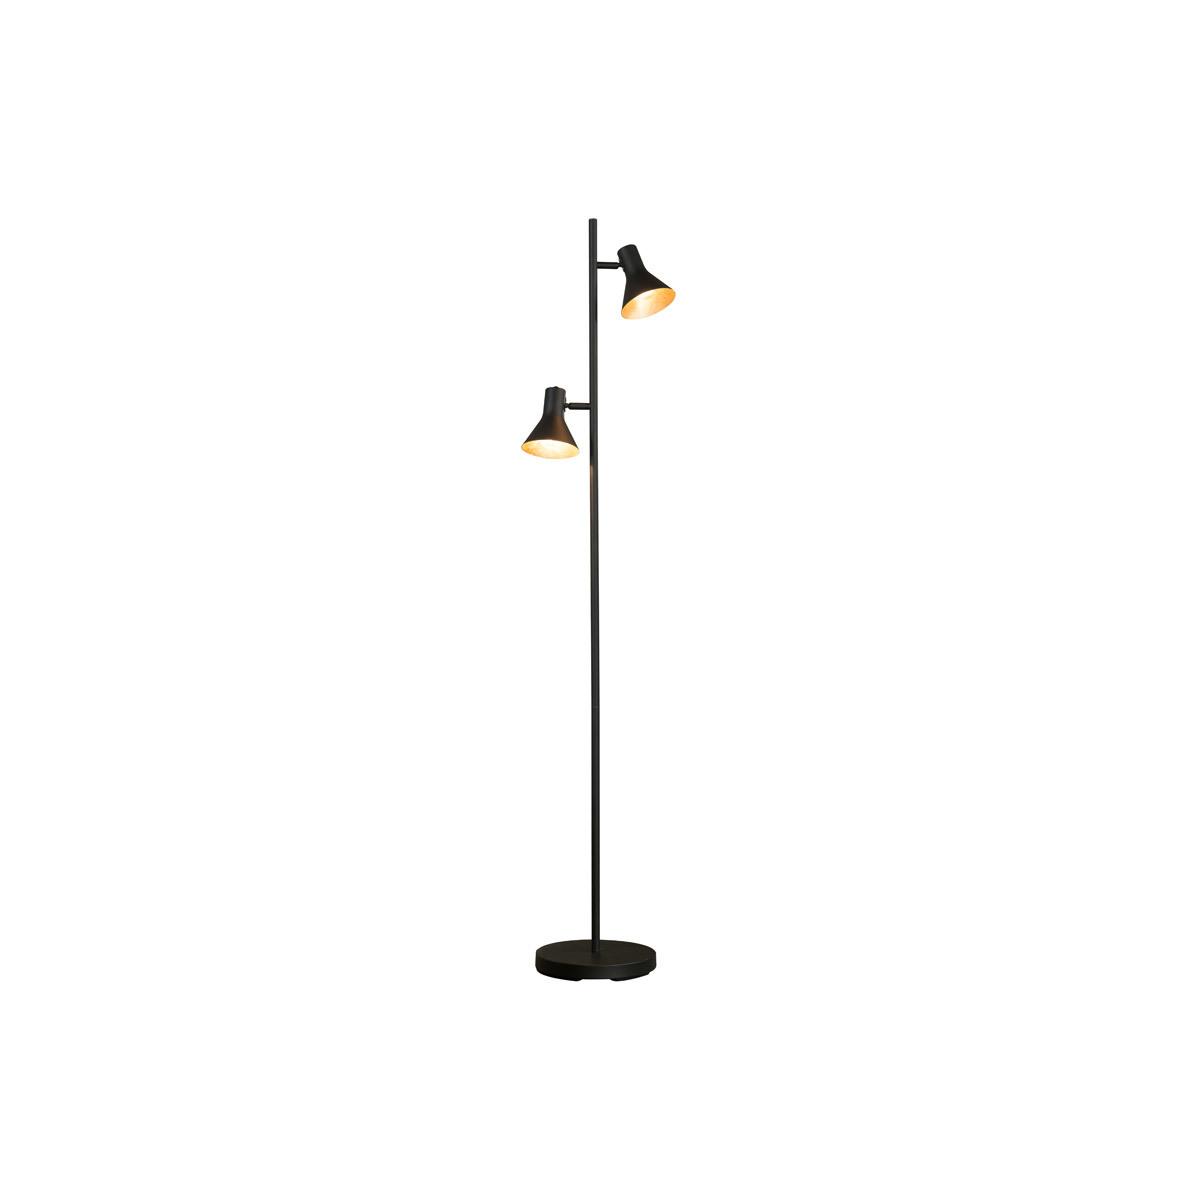 Lampada design in metallo nero opaco e interno dorato DUO